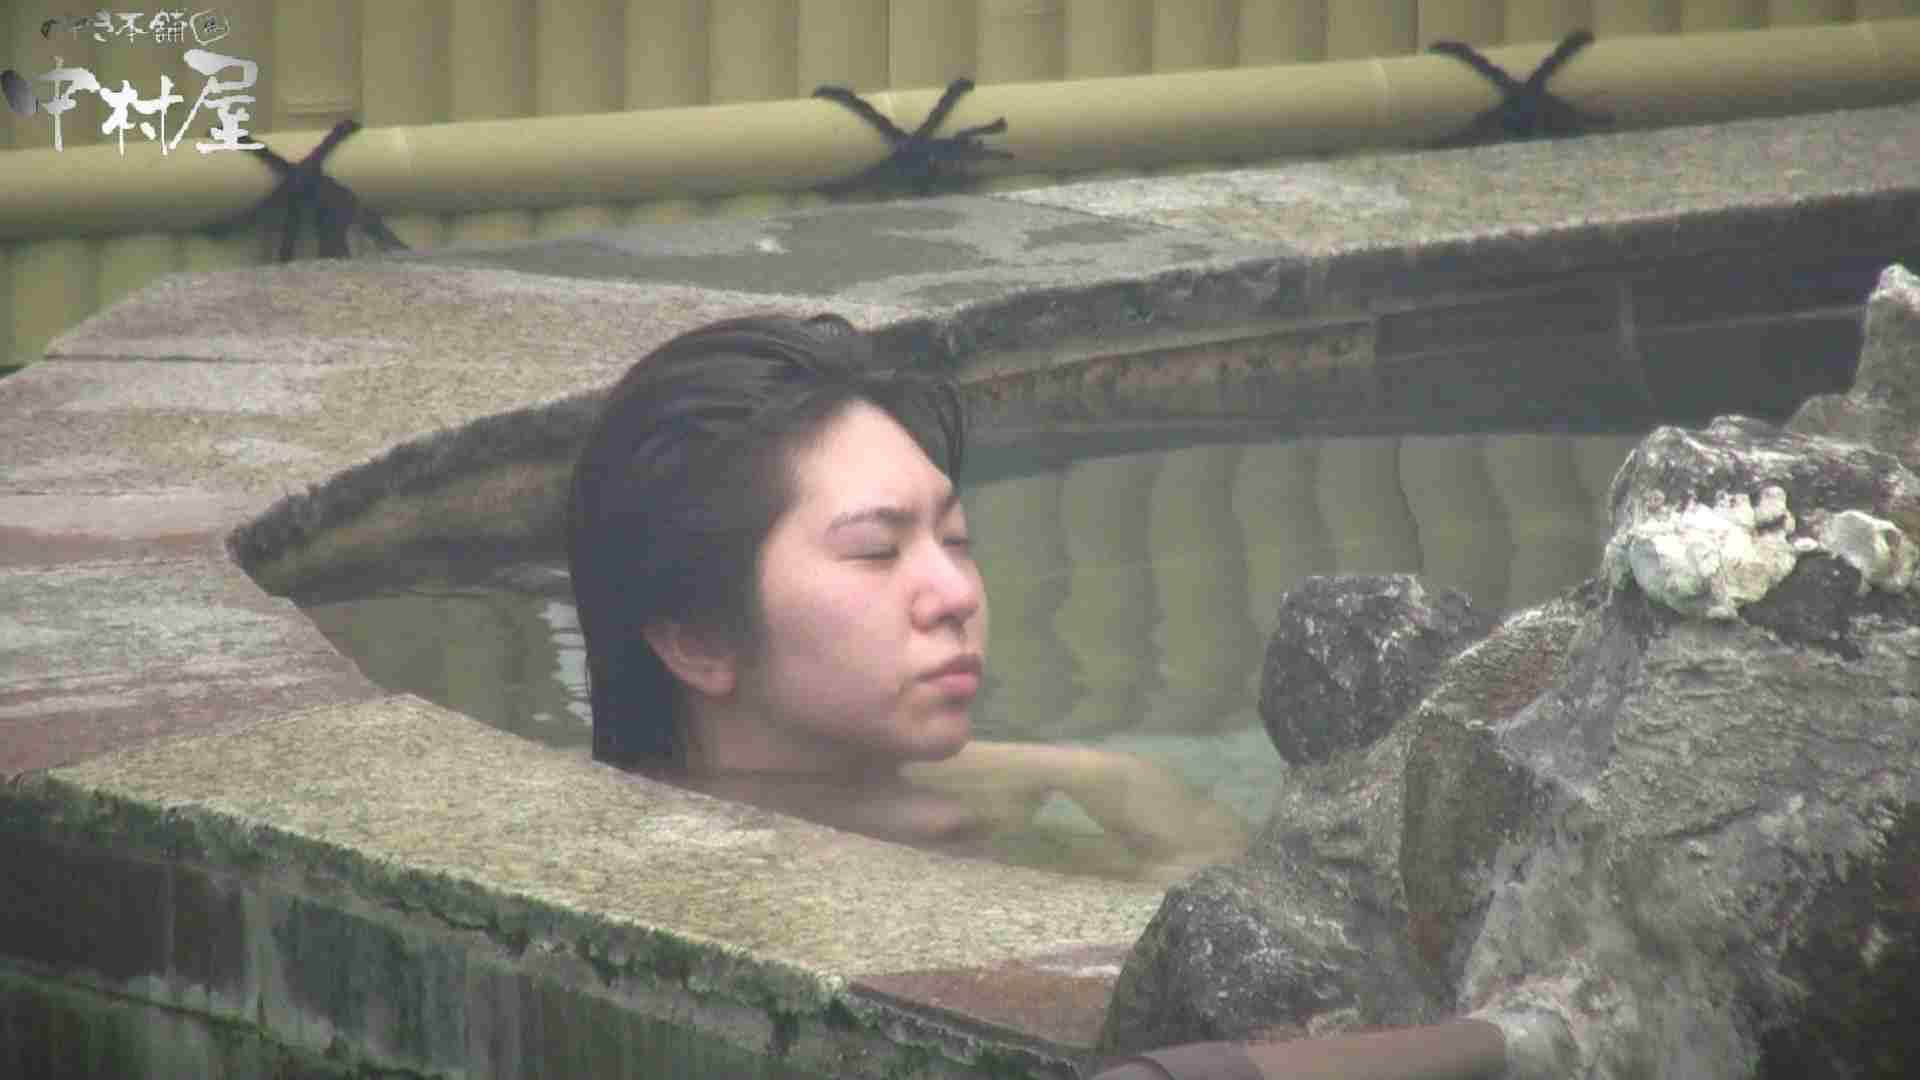 Aquaな露天風呂Vol.907 OL女体 | 女体盗撮  95連発 61